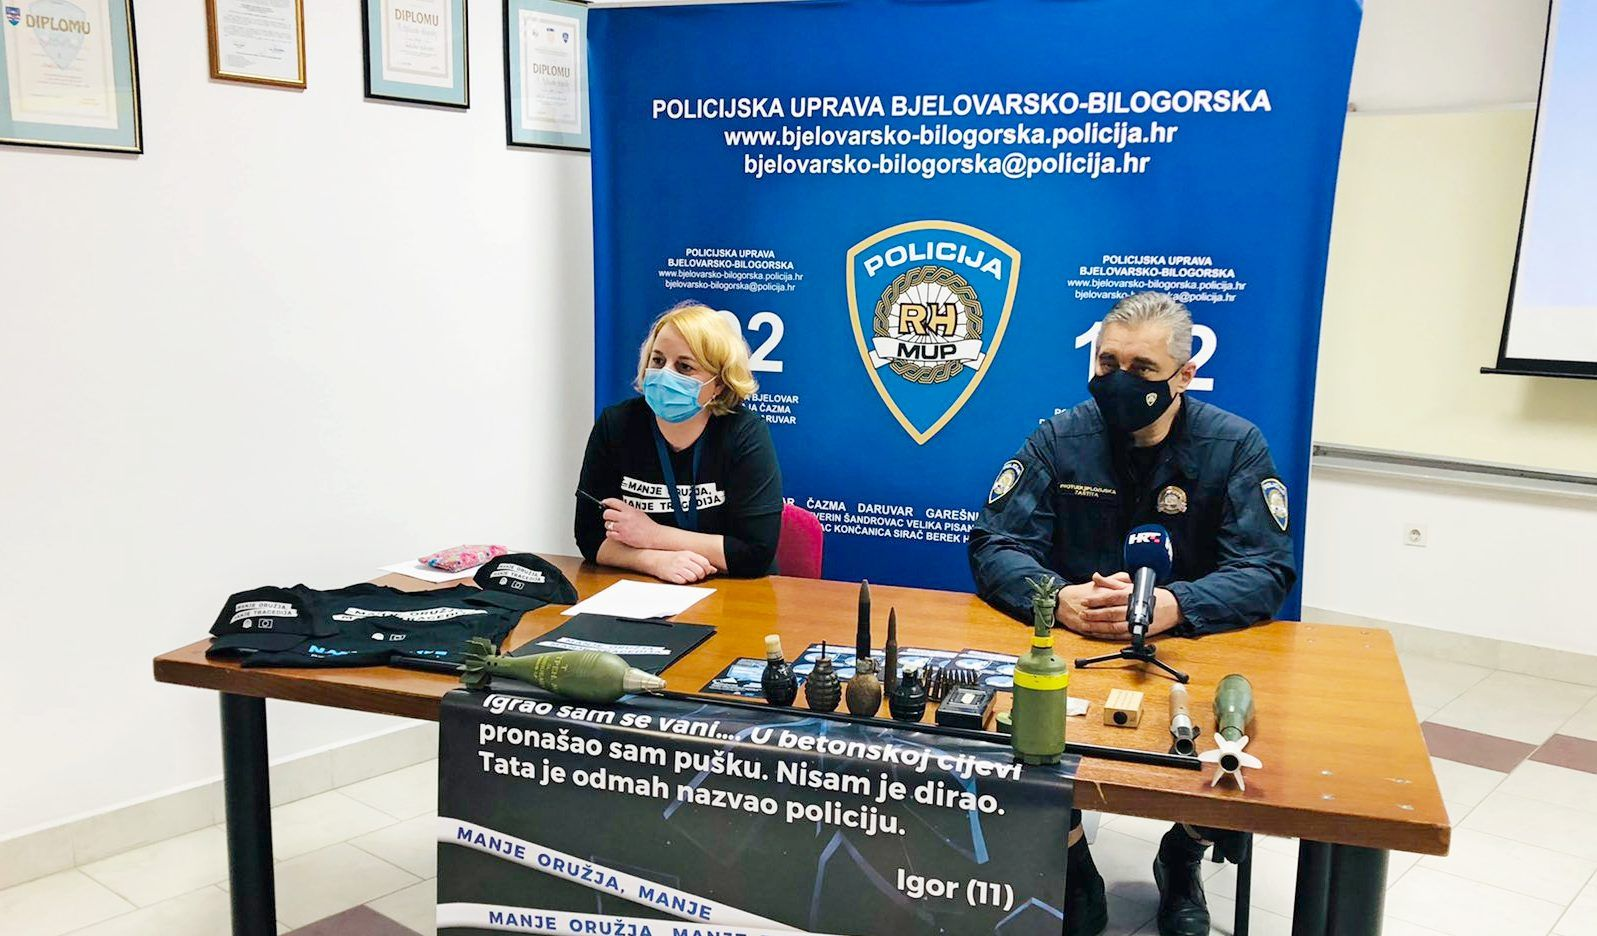 PU bjelovarsko-bilogorska: Predstavljena modernizirana kampanja